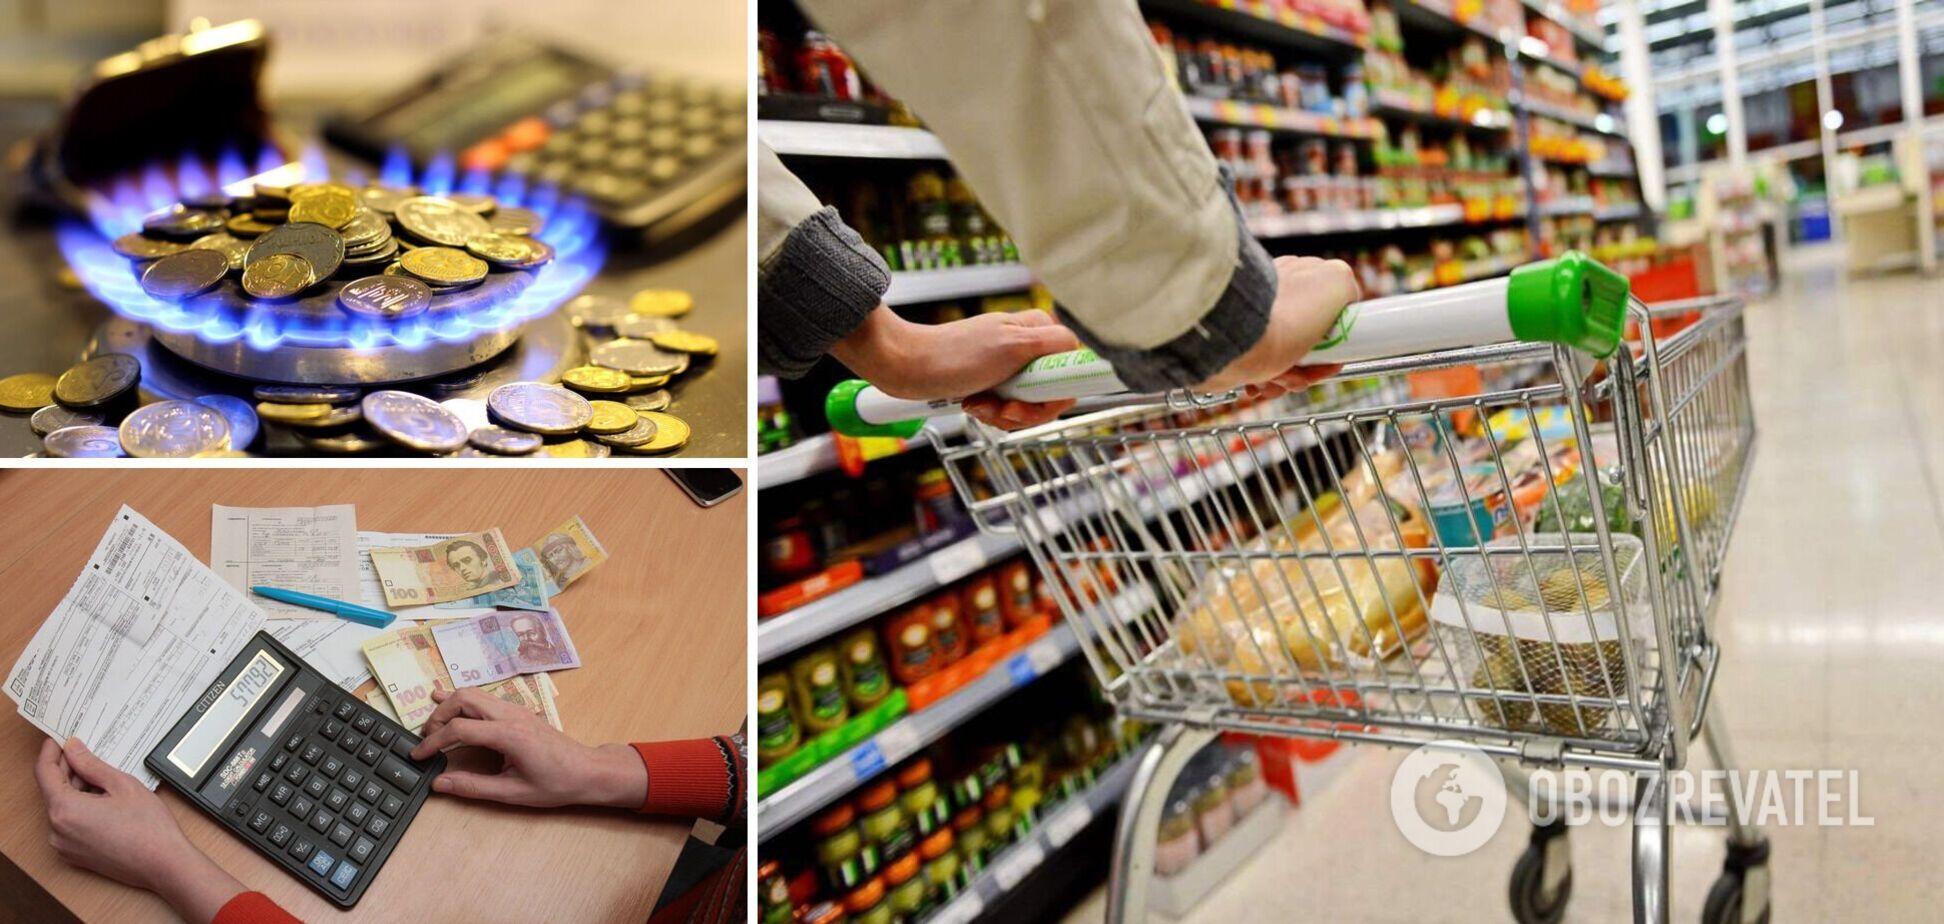 Фінансовий стан більшості українців погіршився за рік, майже 95% відчули зростання цін – опитування